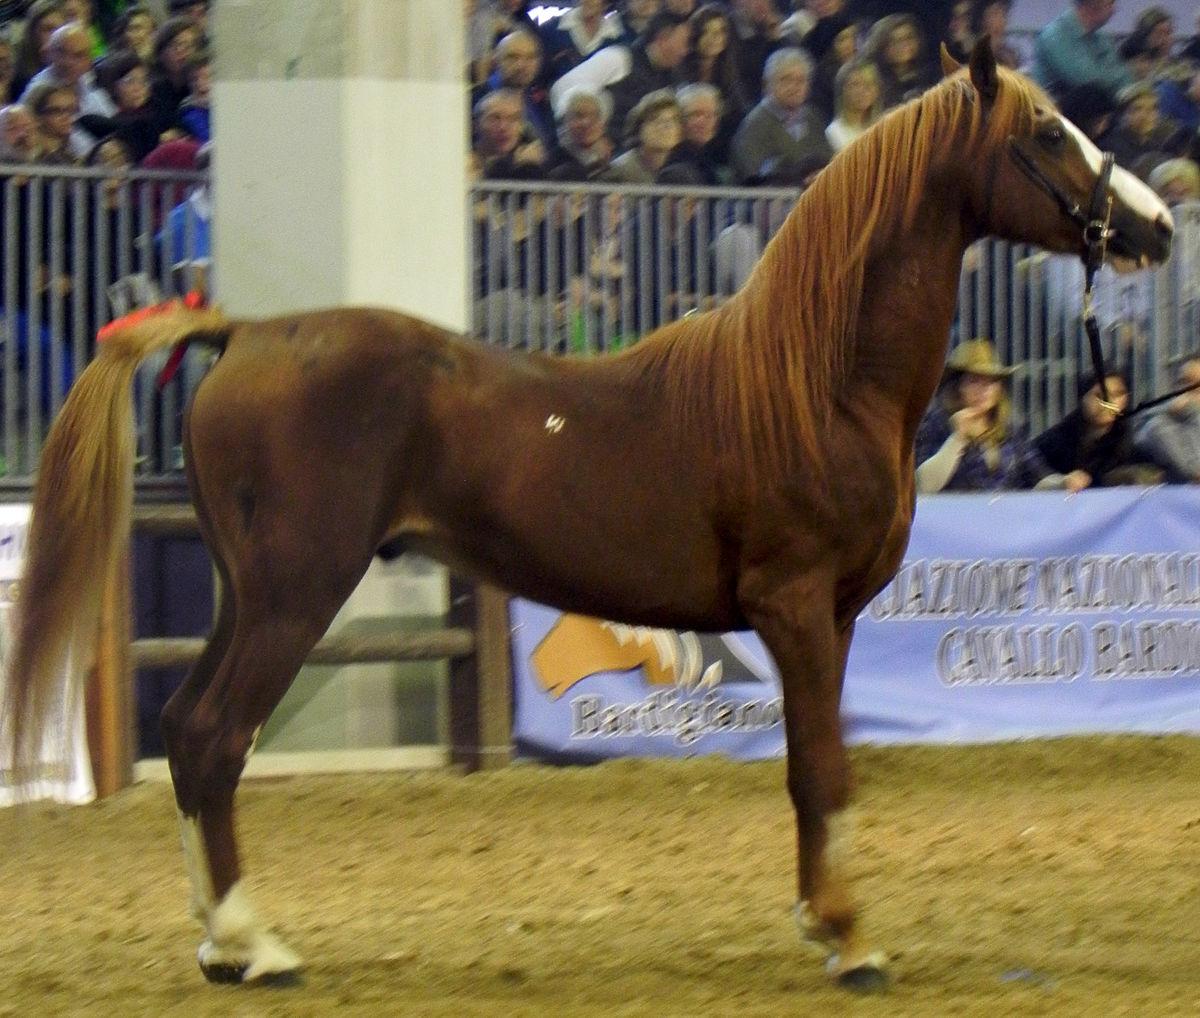 Persano cavallo wikipedia - Avere un cavallo ...